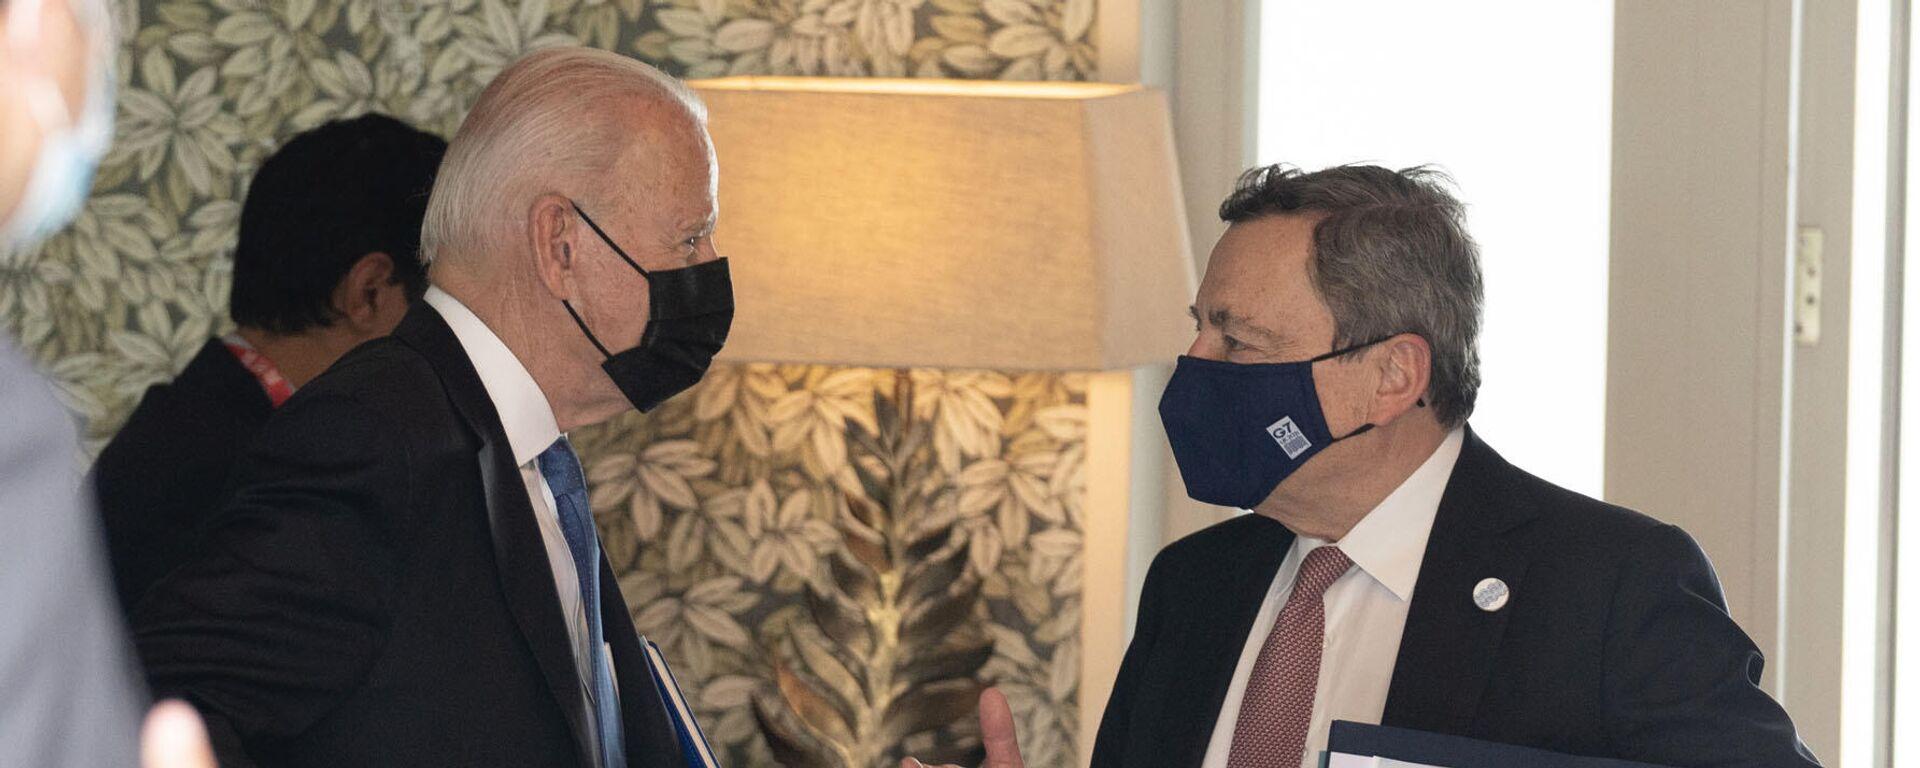 Biden e Draghi - Sputnik Italia, 1920, 21.08.2021